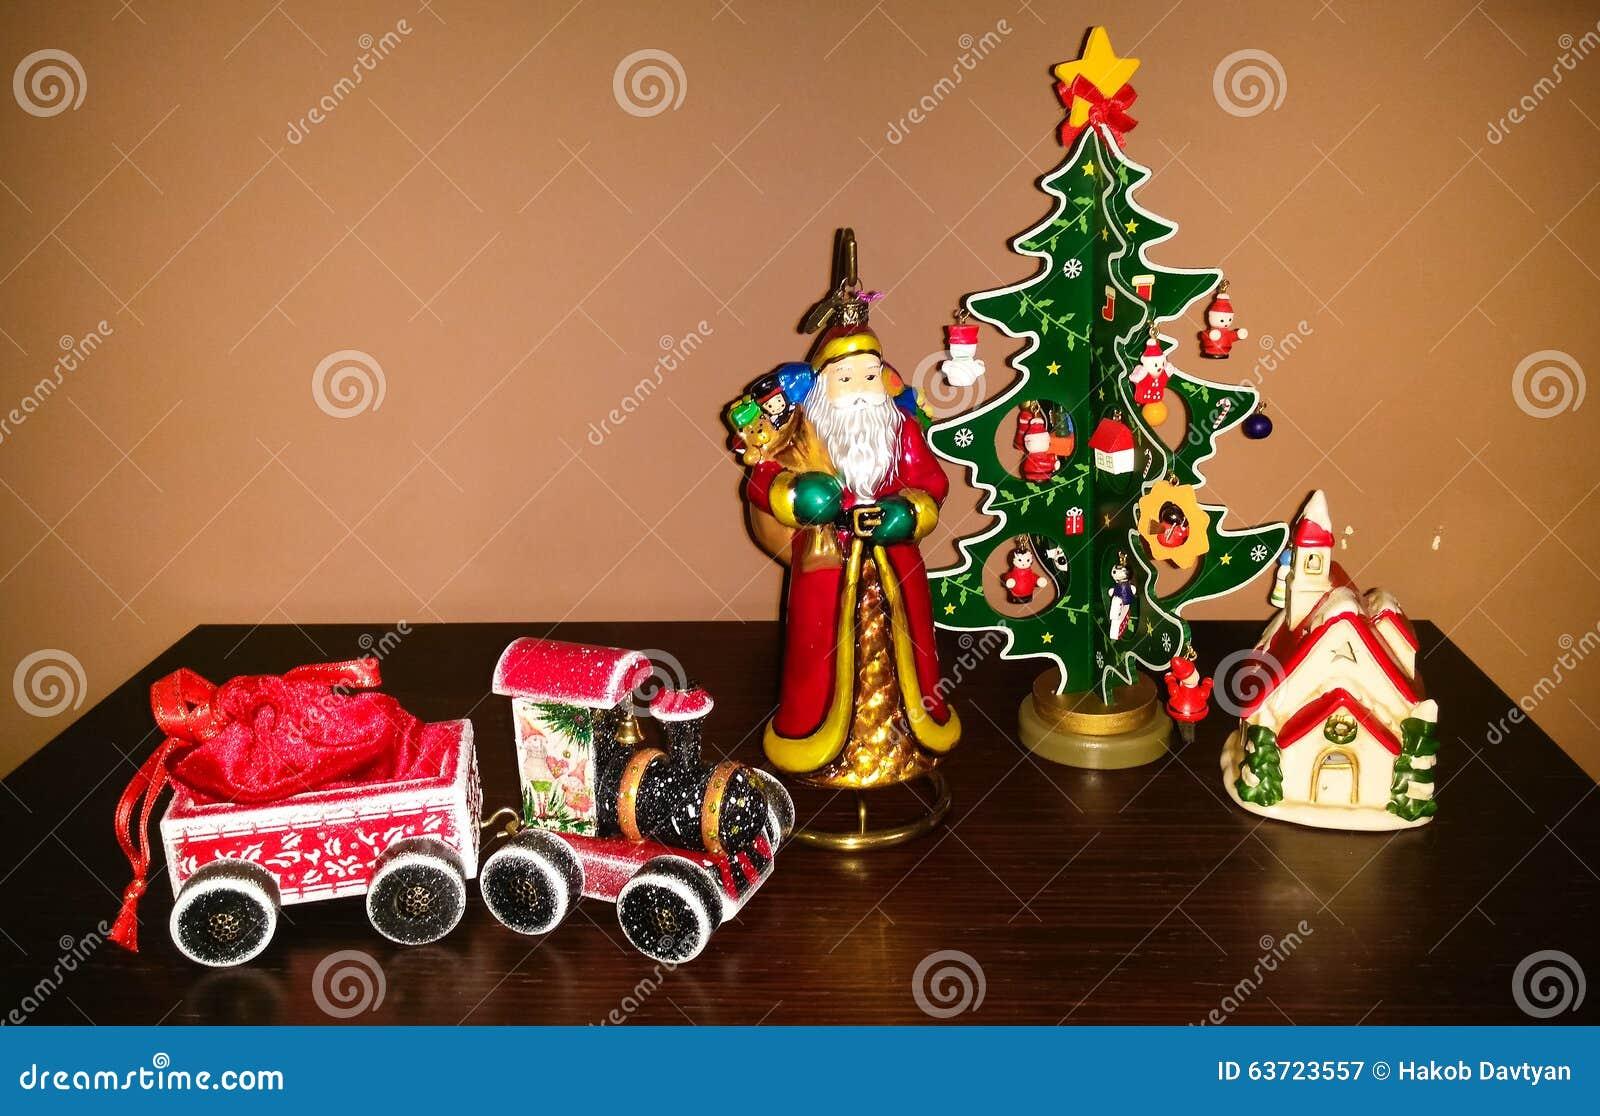 Neues Jahr und Weihnachten